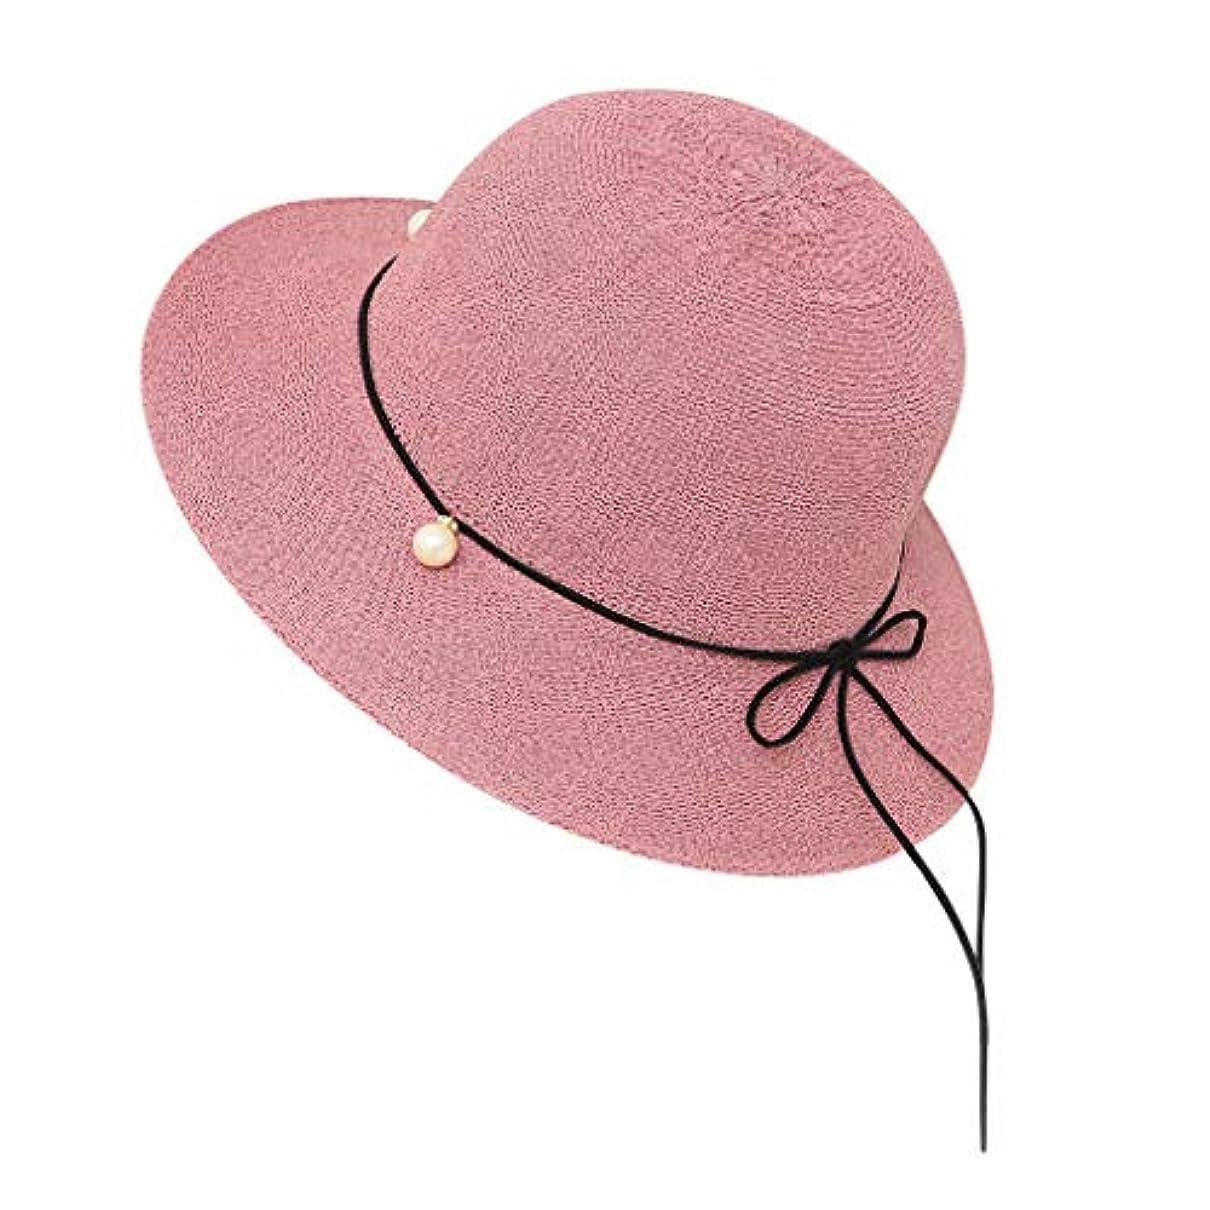 熱心な推進力ロードハウス帽子 レディース 夏 女性 UVカット 帽子 ハット 漁師帽 つば広 吸汗通気 紫外線対策 大きいサイズ 日焼け防止 サイズ調節 ベレー帽 帽子 レディース ビーチ 海辺 森ガール 女優帽 日よけ ROSE ROMAN